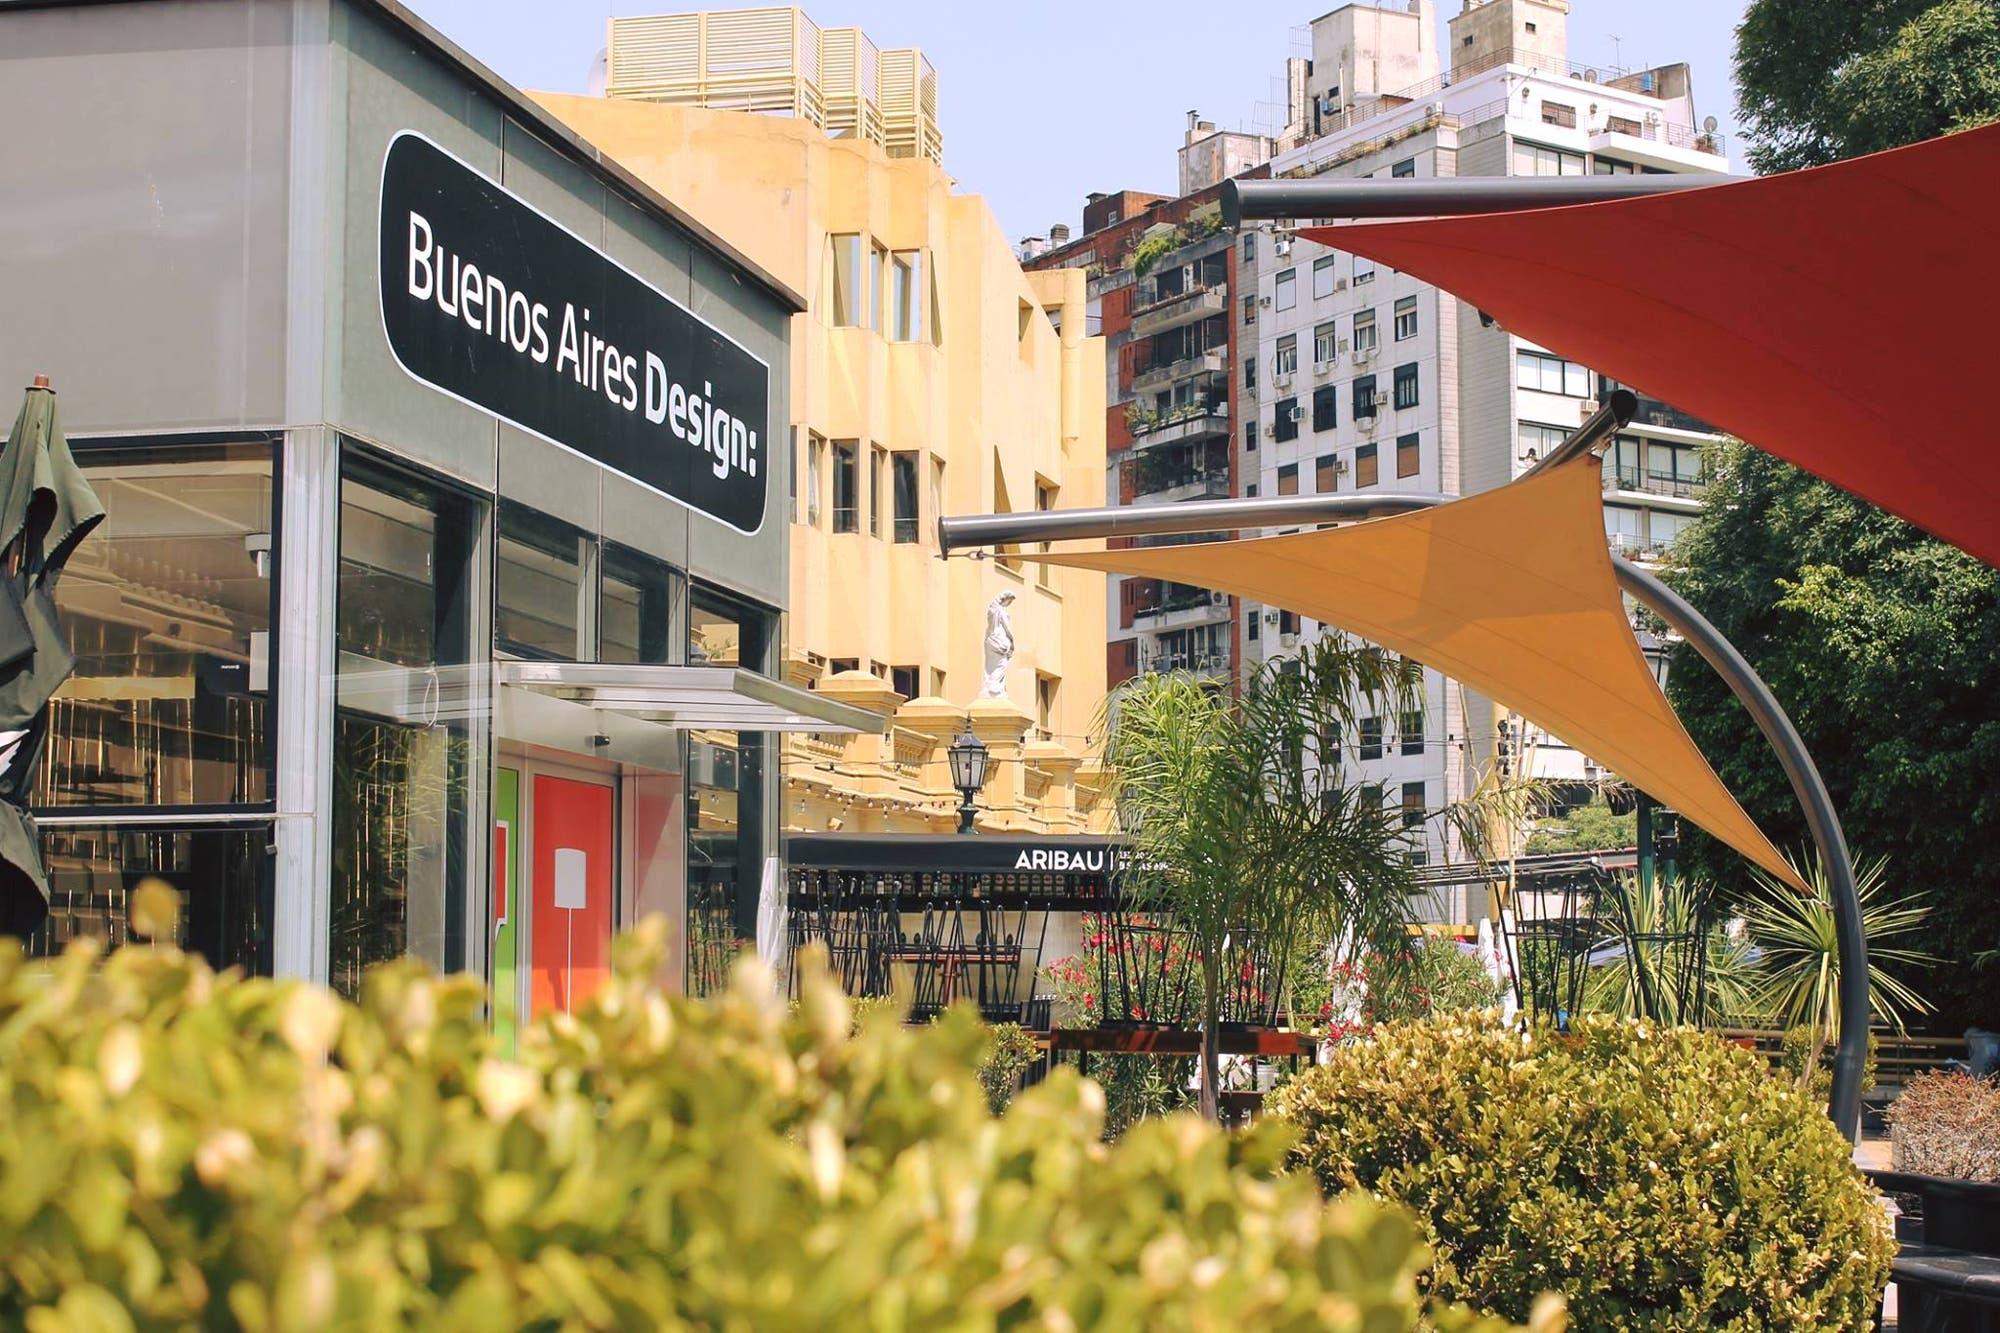 La Ciudad vuelve a licitar la explotación de Buenos Aires Design en Recoleta